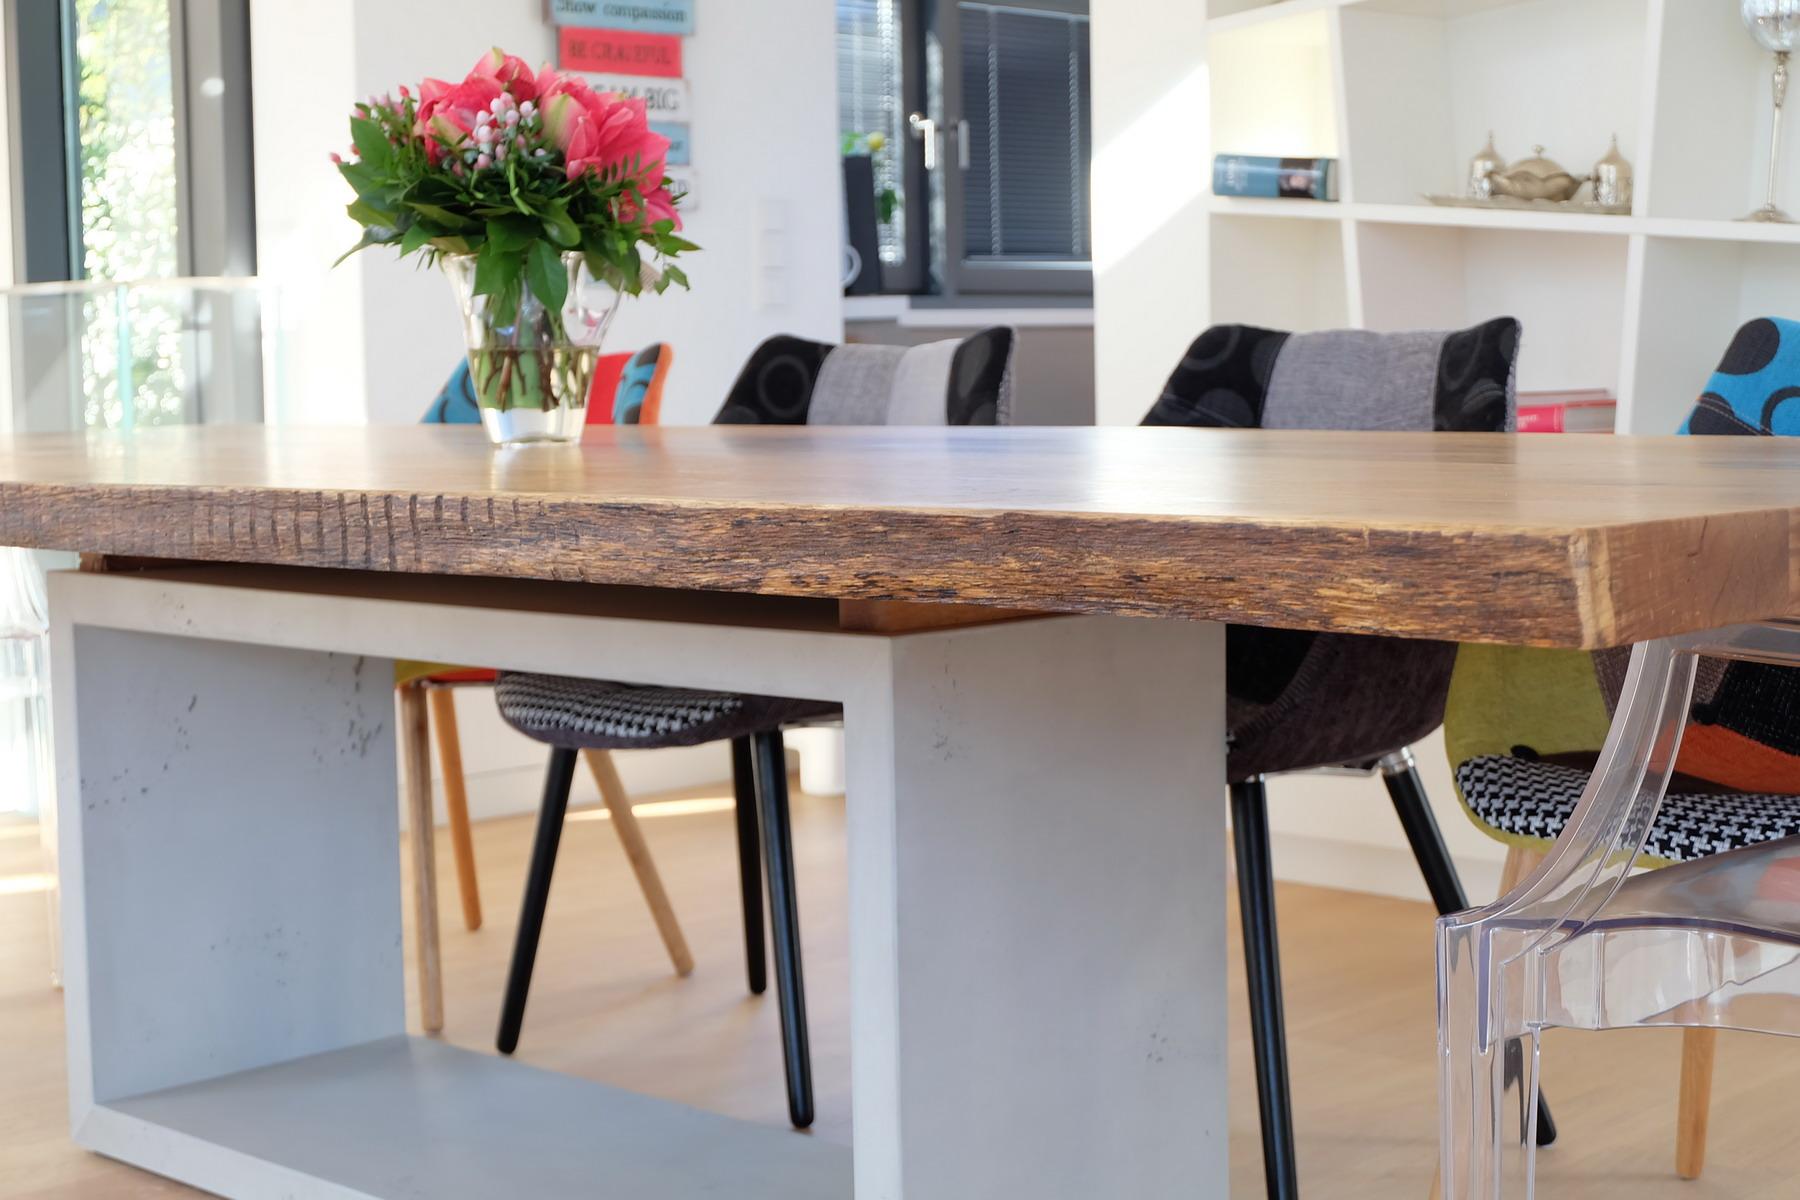 Eiche Tisch mit Beton Sockel 2